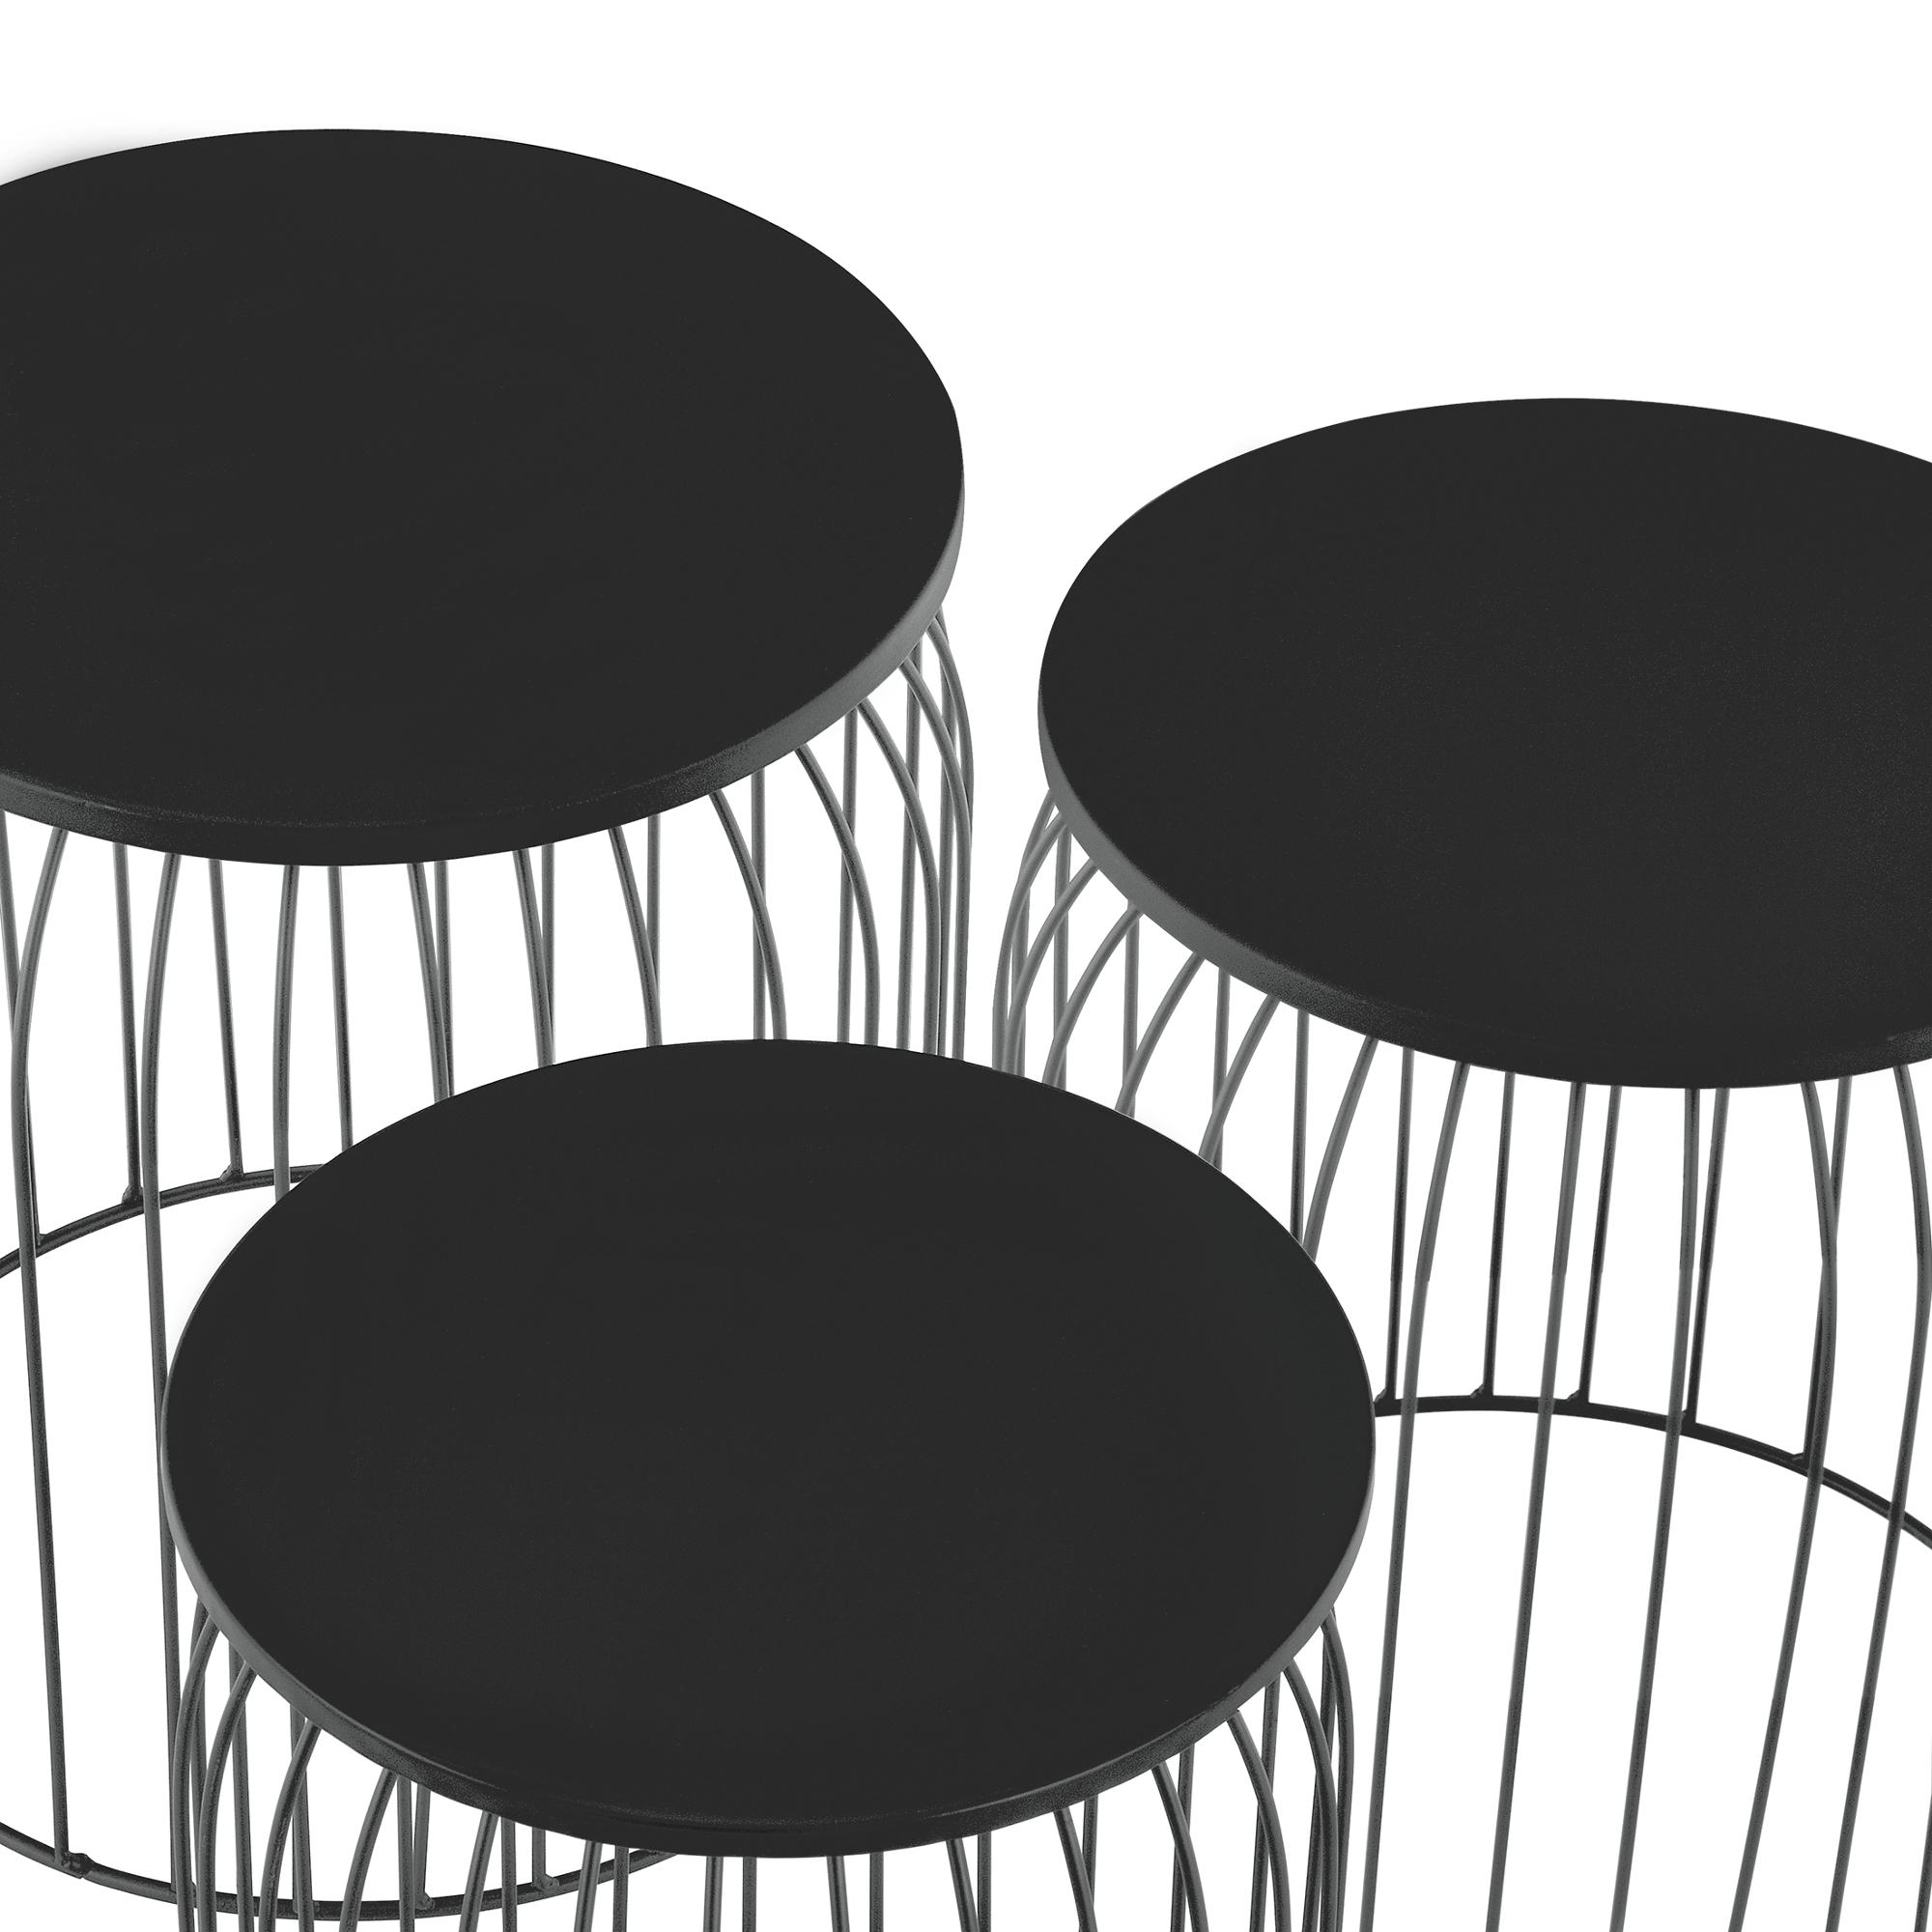 metallkorb beistelltisch couchtisch sofatisch 3er set deko wei ebay. Black Bedroom Furniture Sets. Home Design Ideas